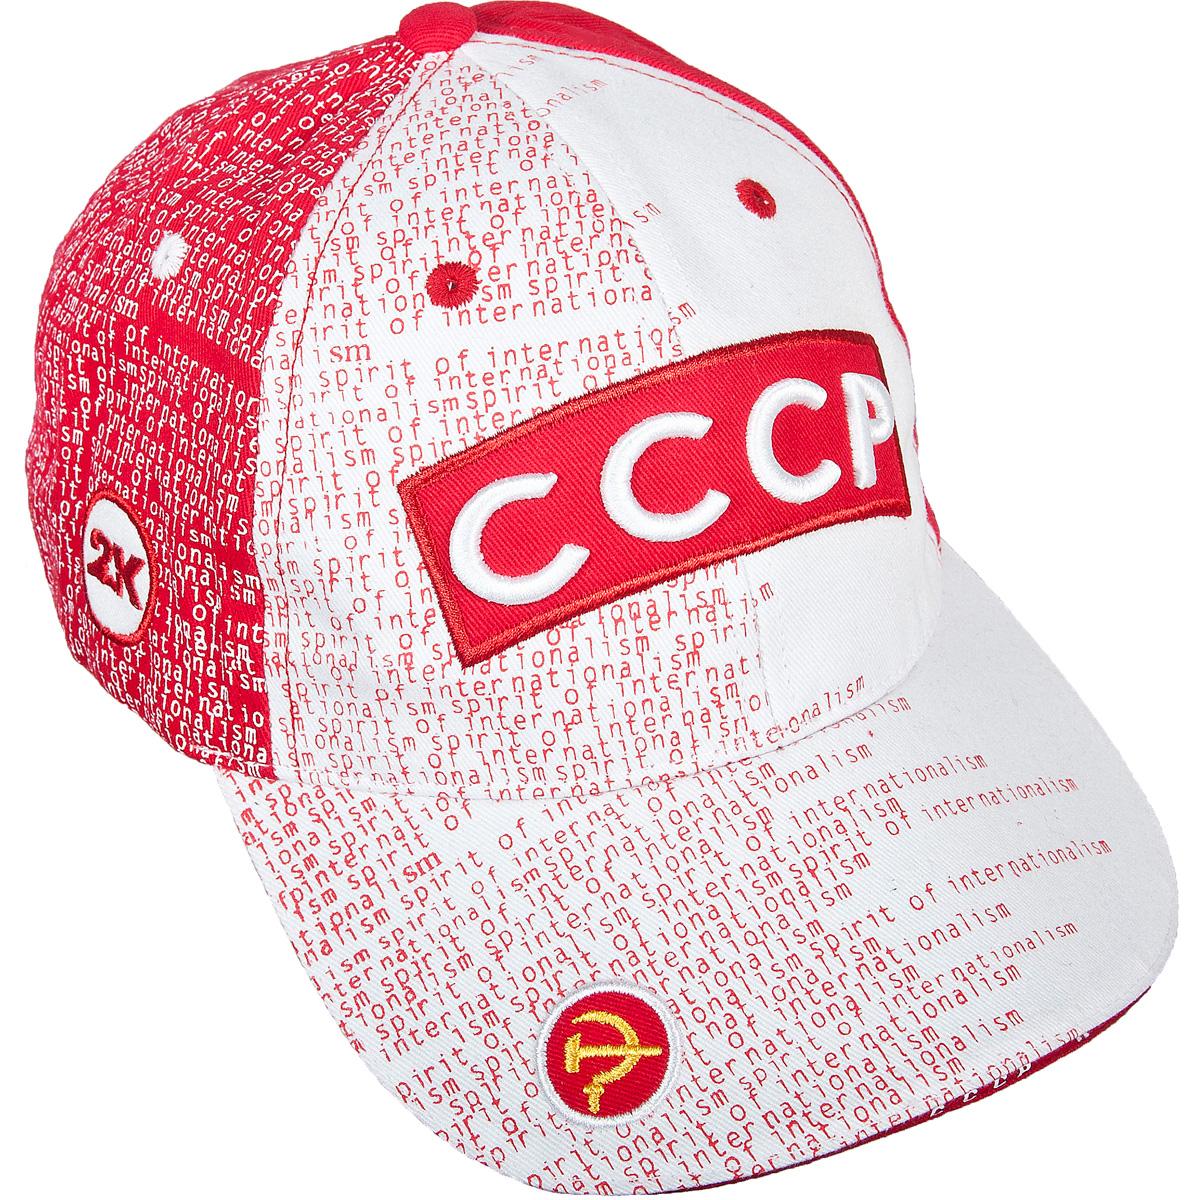 124226_navy/white/redКлассическая бейсболка с символикой СССР и с регулируемым ремешком. Состав: 100% хлопок. Плотность бейсболки 200 г/м2. Перфорация для вентиляции воздуха.